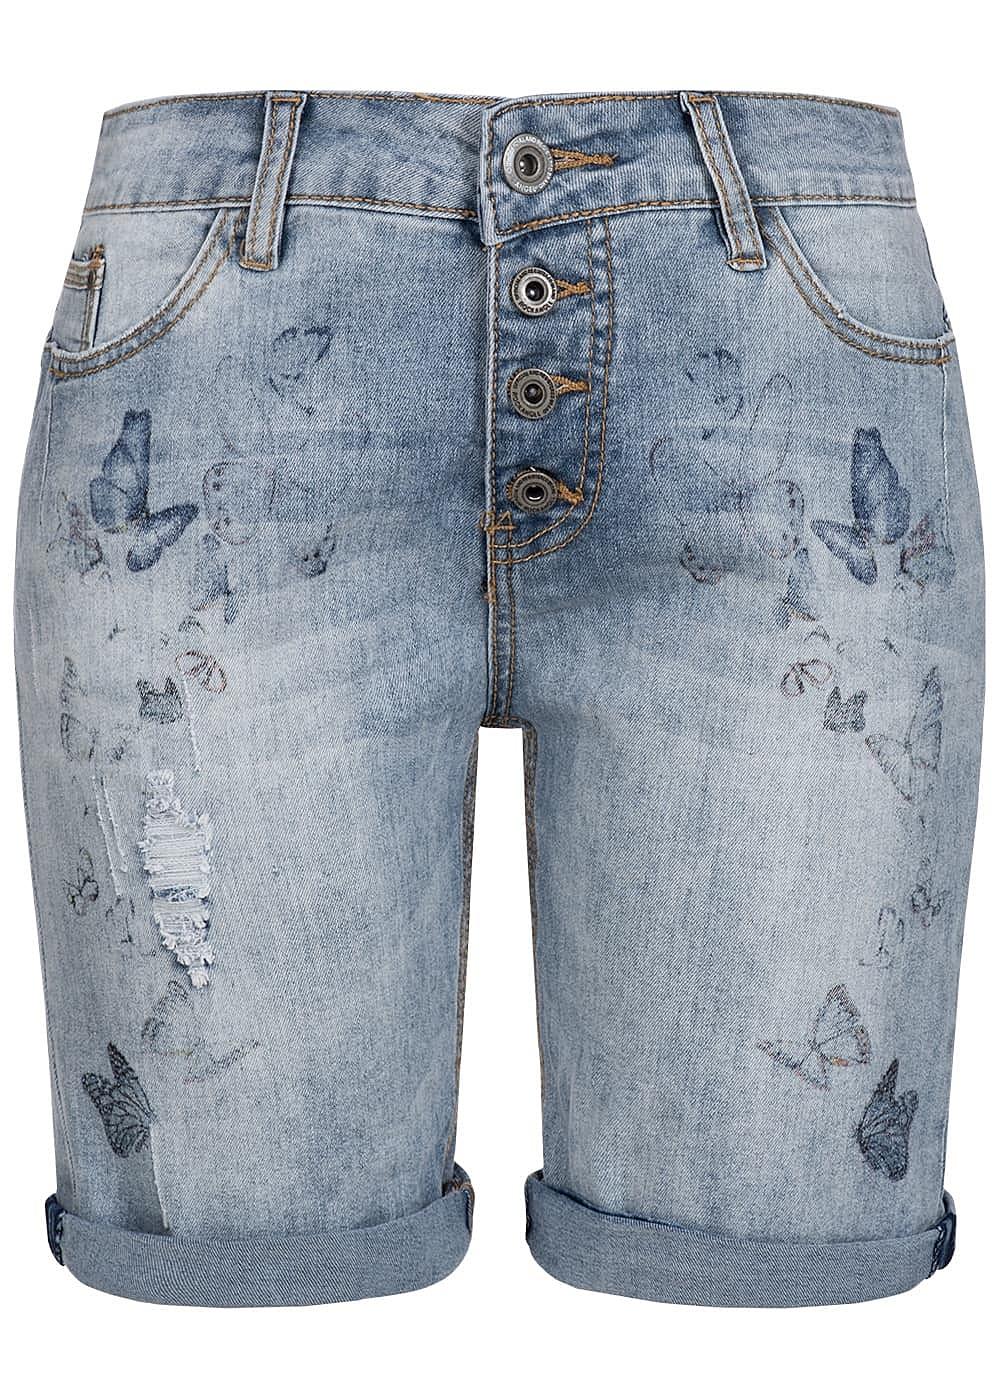 eight2nine damen bermuda jeans short 5 pockets. Black Bedroom Furniture Sets. Home Design Ideas